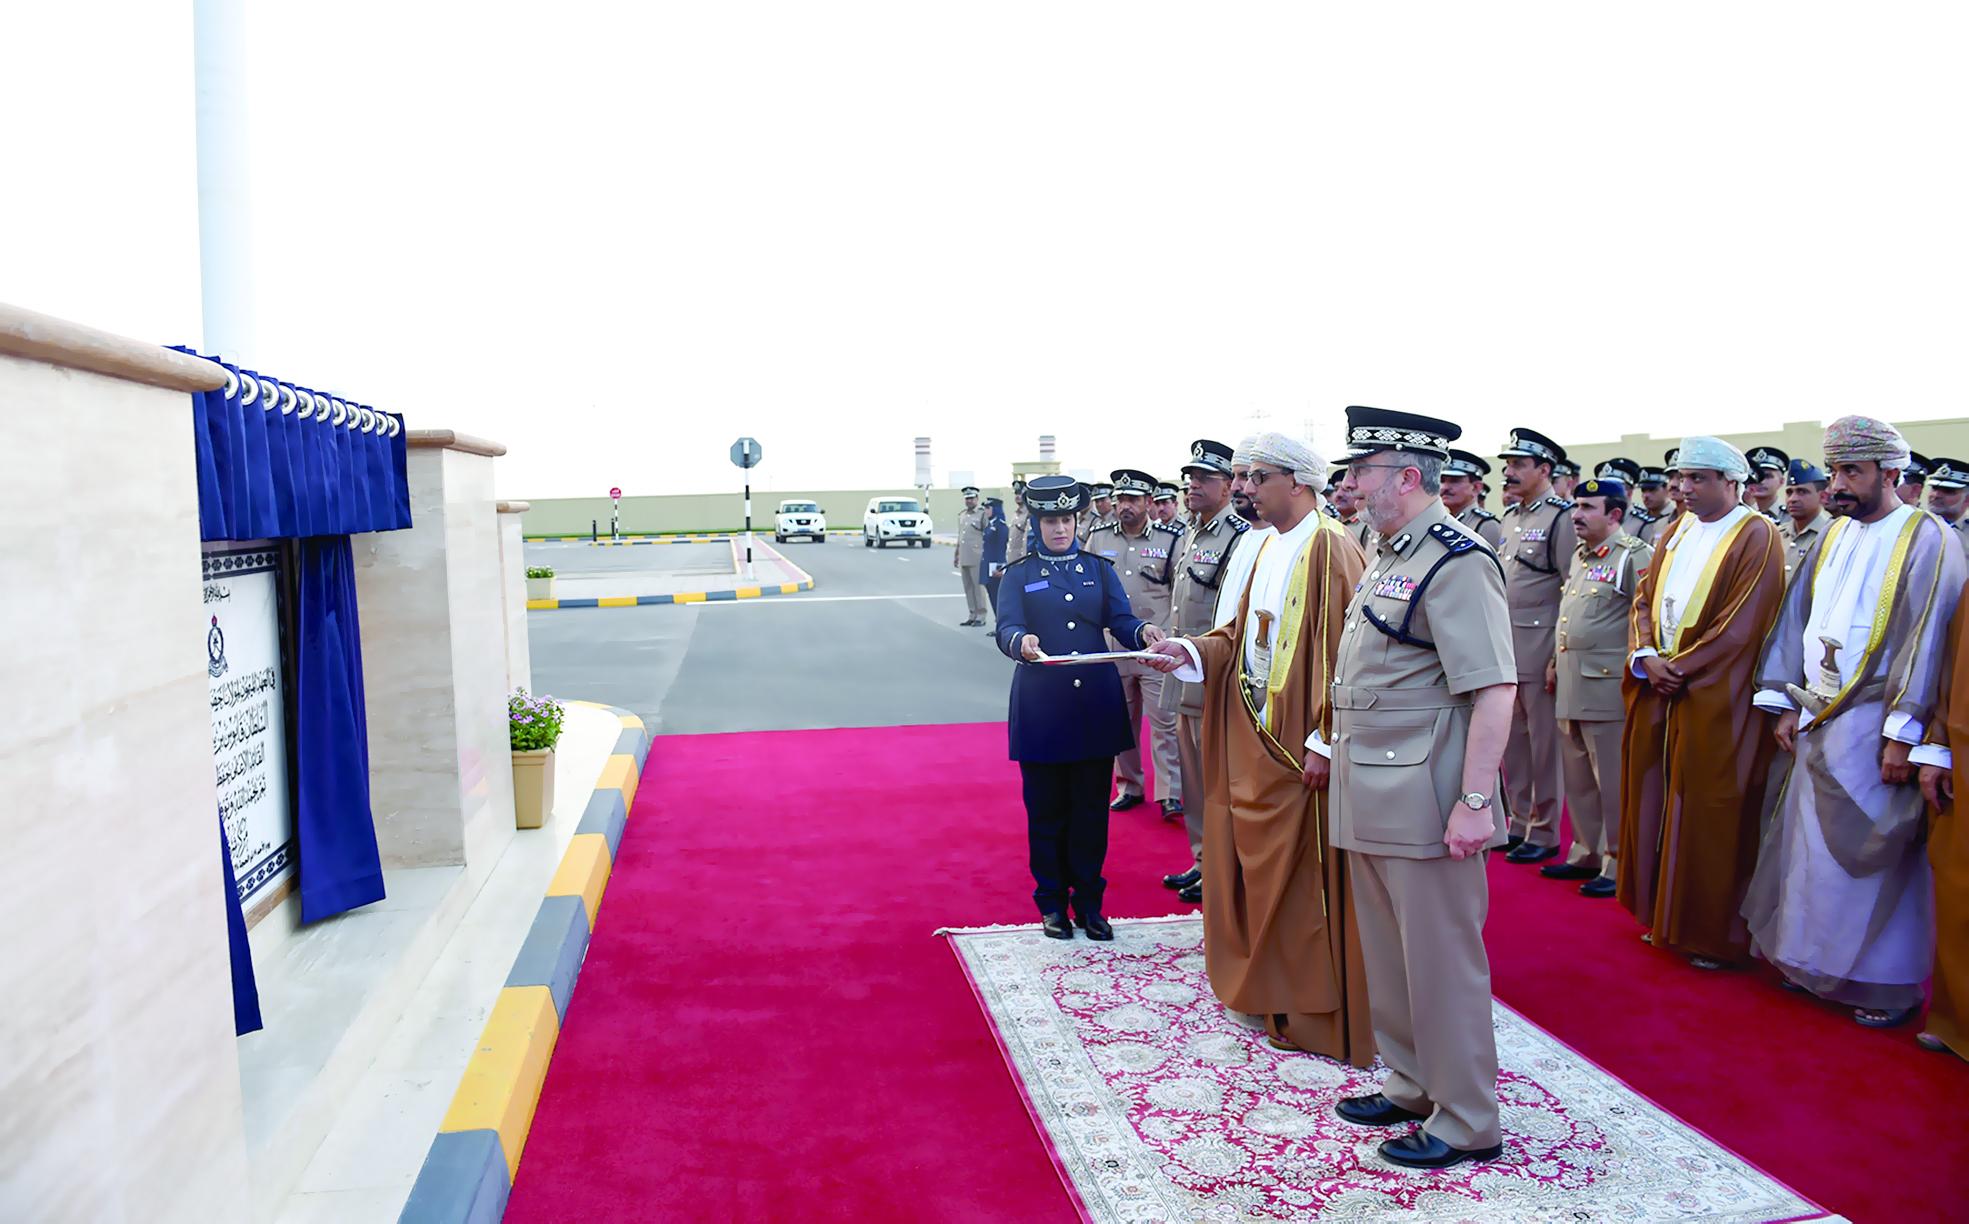 شرطة عُمان السلطانية تحتفل بافتتاح مركز منح